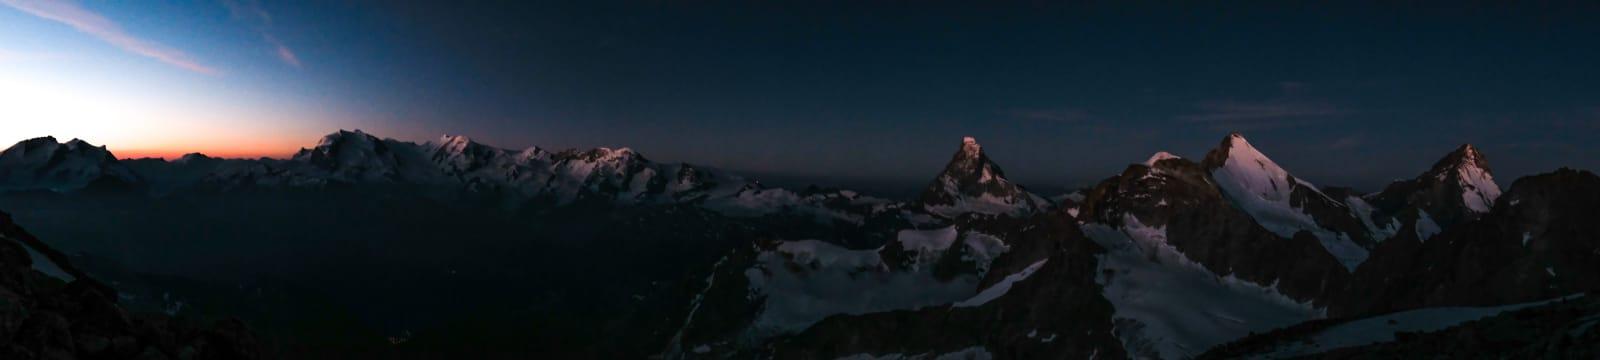 Zinalrothorn, Rothorngrat, Frühstücksplatz, Normalweg, Panorama, Matterhorn, Dent d'Hérens, Dent Blanche, Ober Gabelhorn